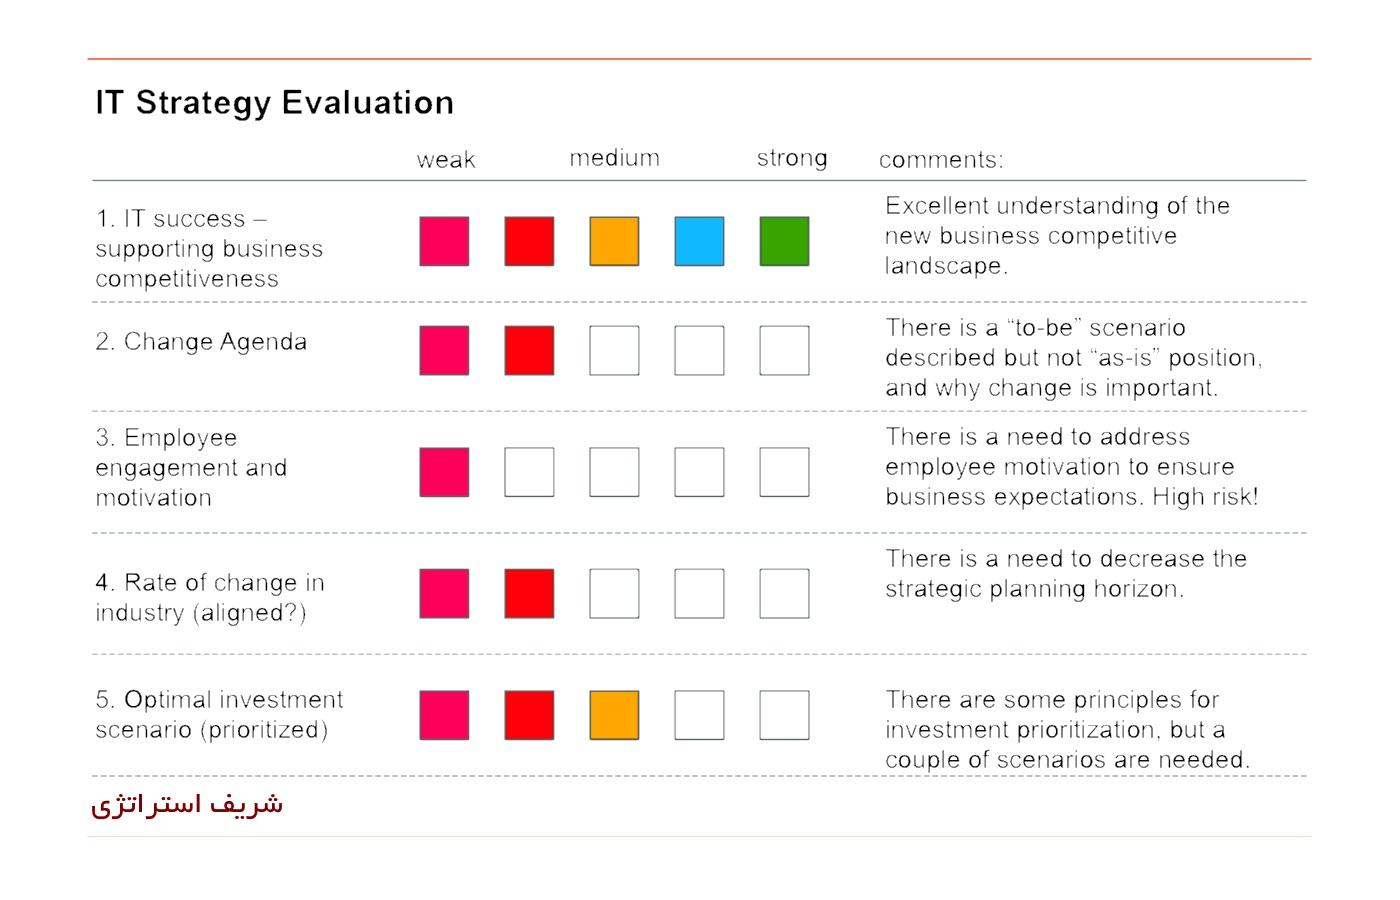 یک فرایند کنترل و ارزیابی استراتژی ها از چهار مرحله بهم پیوسته به وجود می آید؛ در مرحله اول کنترل و ارزیابی استراتژی ها استانداردهای موفقیت، مقیاس های بهره وری و سیاست های وظیفه ای تعیین می شوند. بدین ترتیب، چگونگی اجرا و نقاط مهم کنترل نیز مشخص خواهند شد.